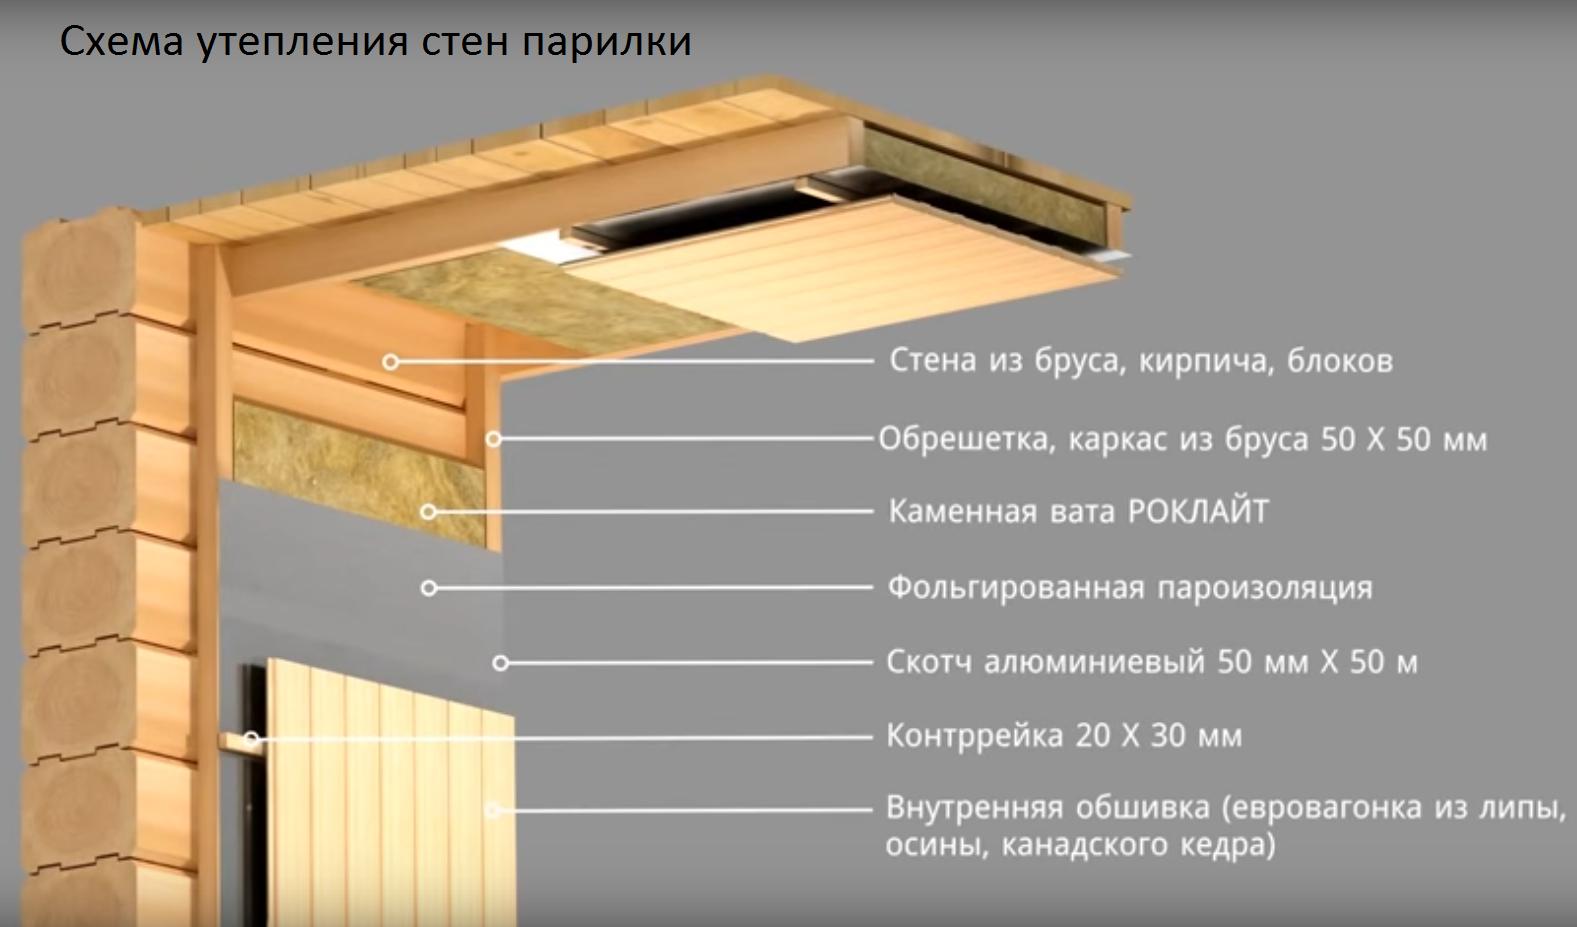 Схема утепления парилки в бане